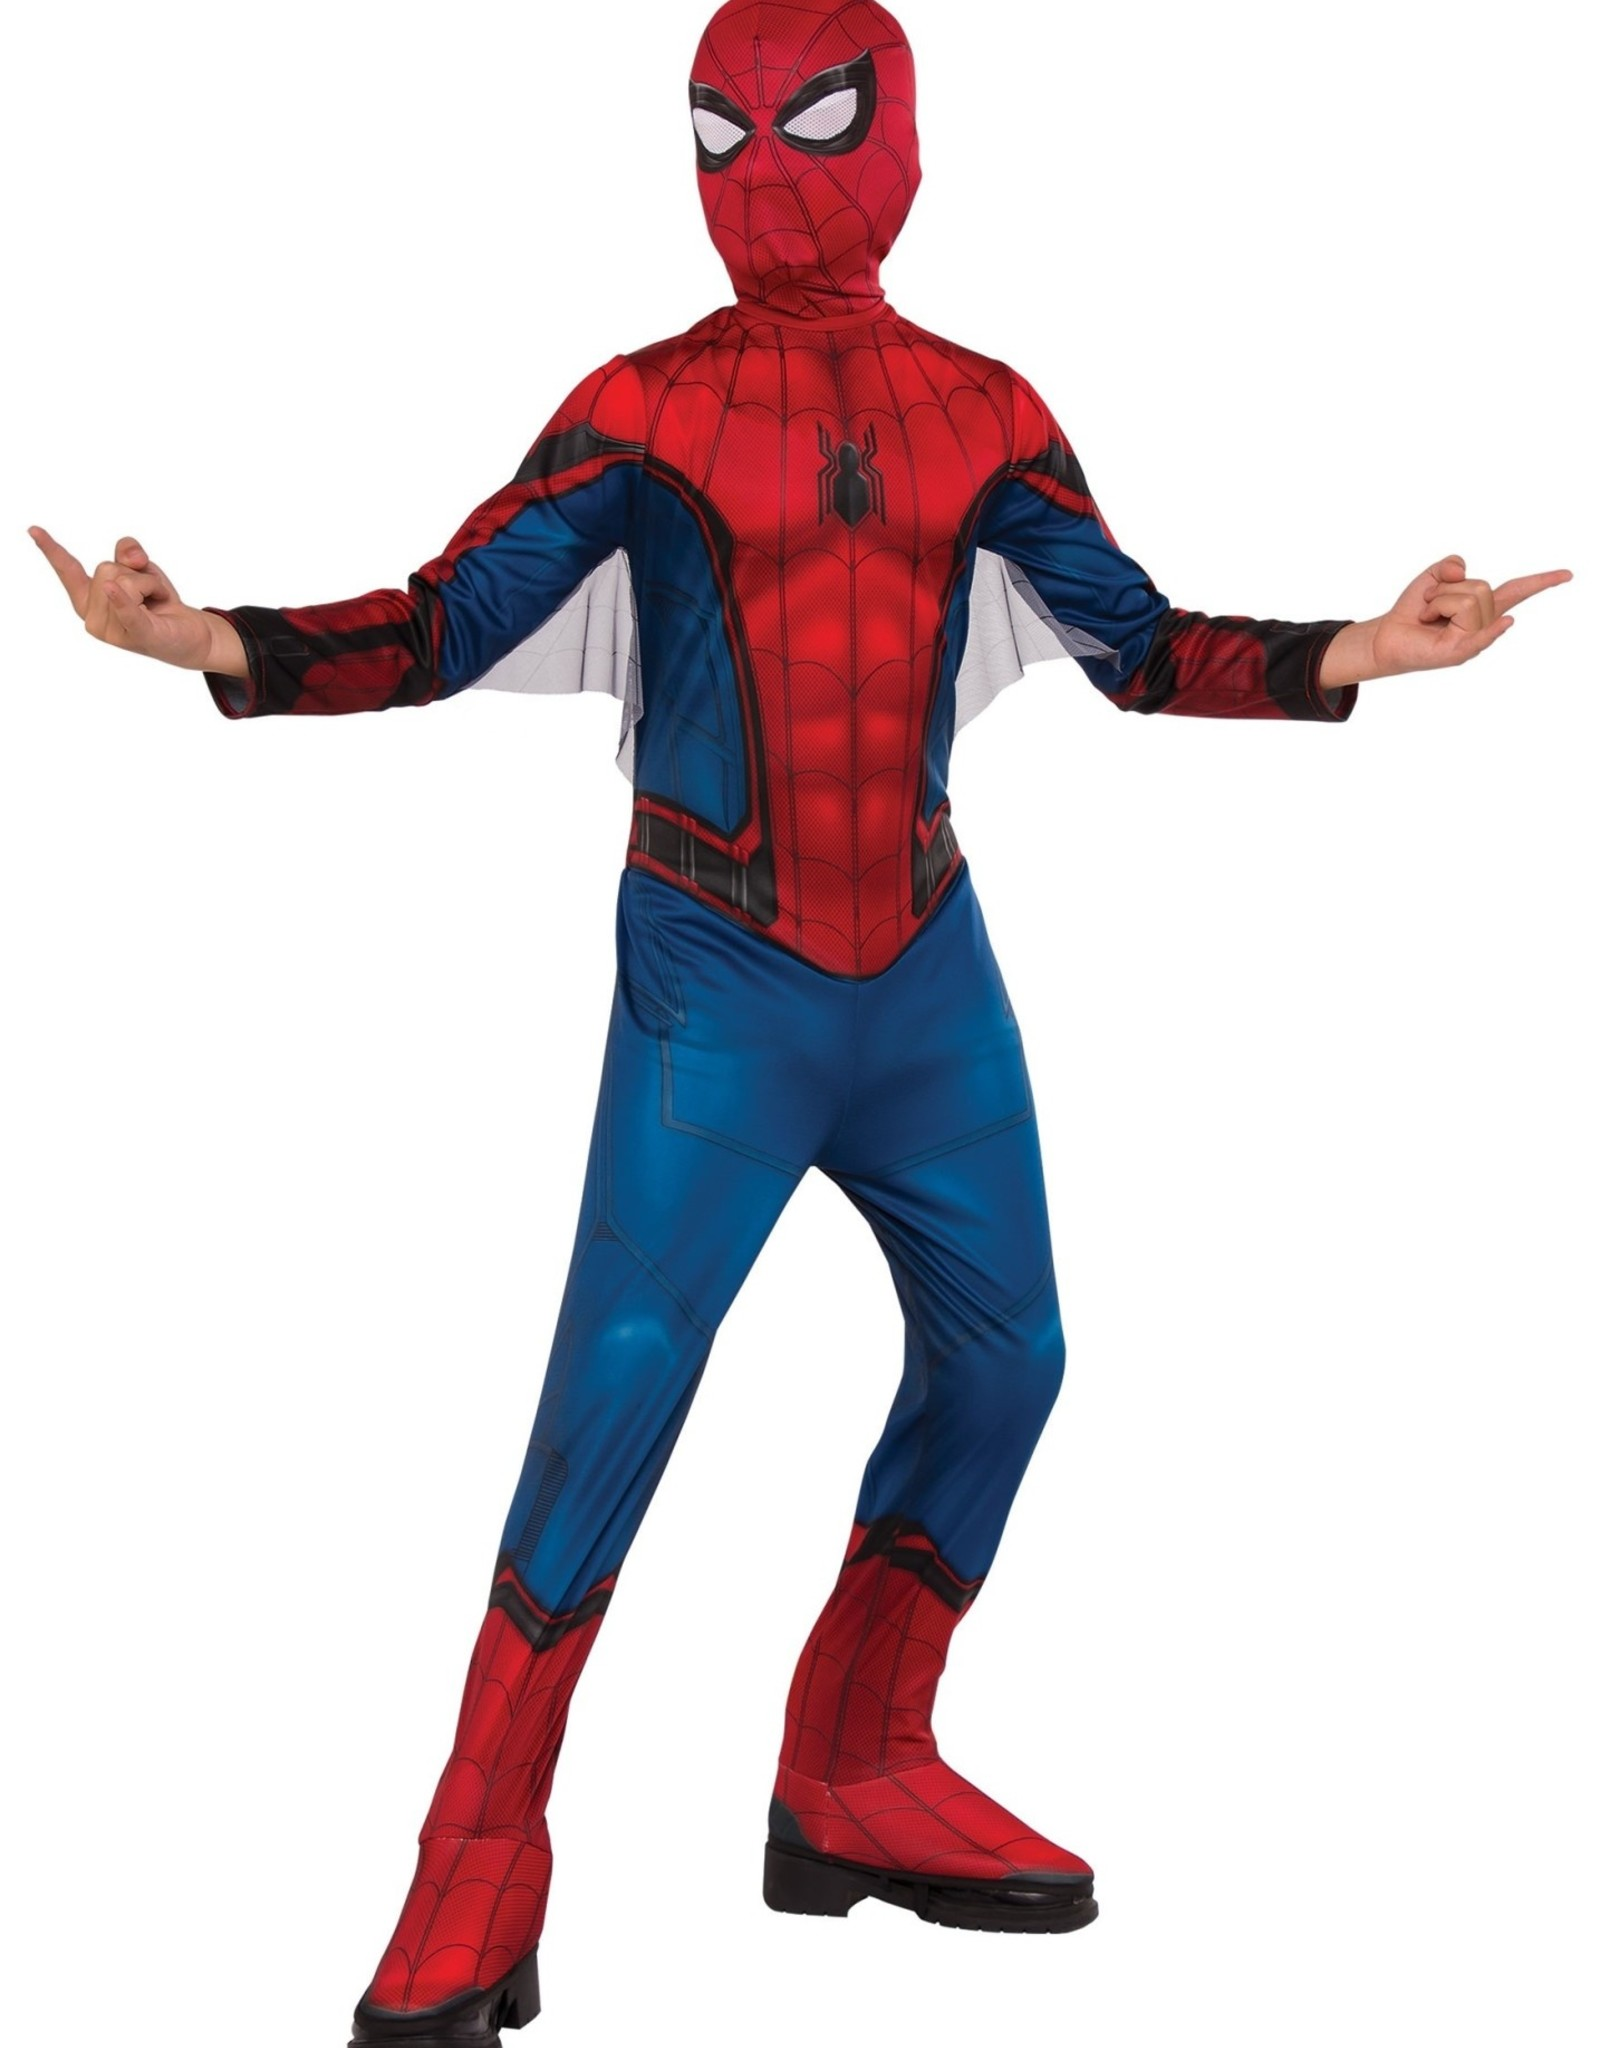 SPIDERMAN SUIT COSTUME